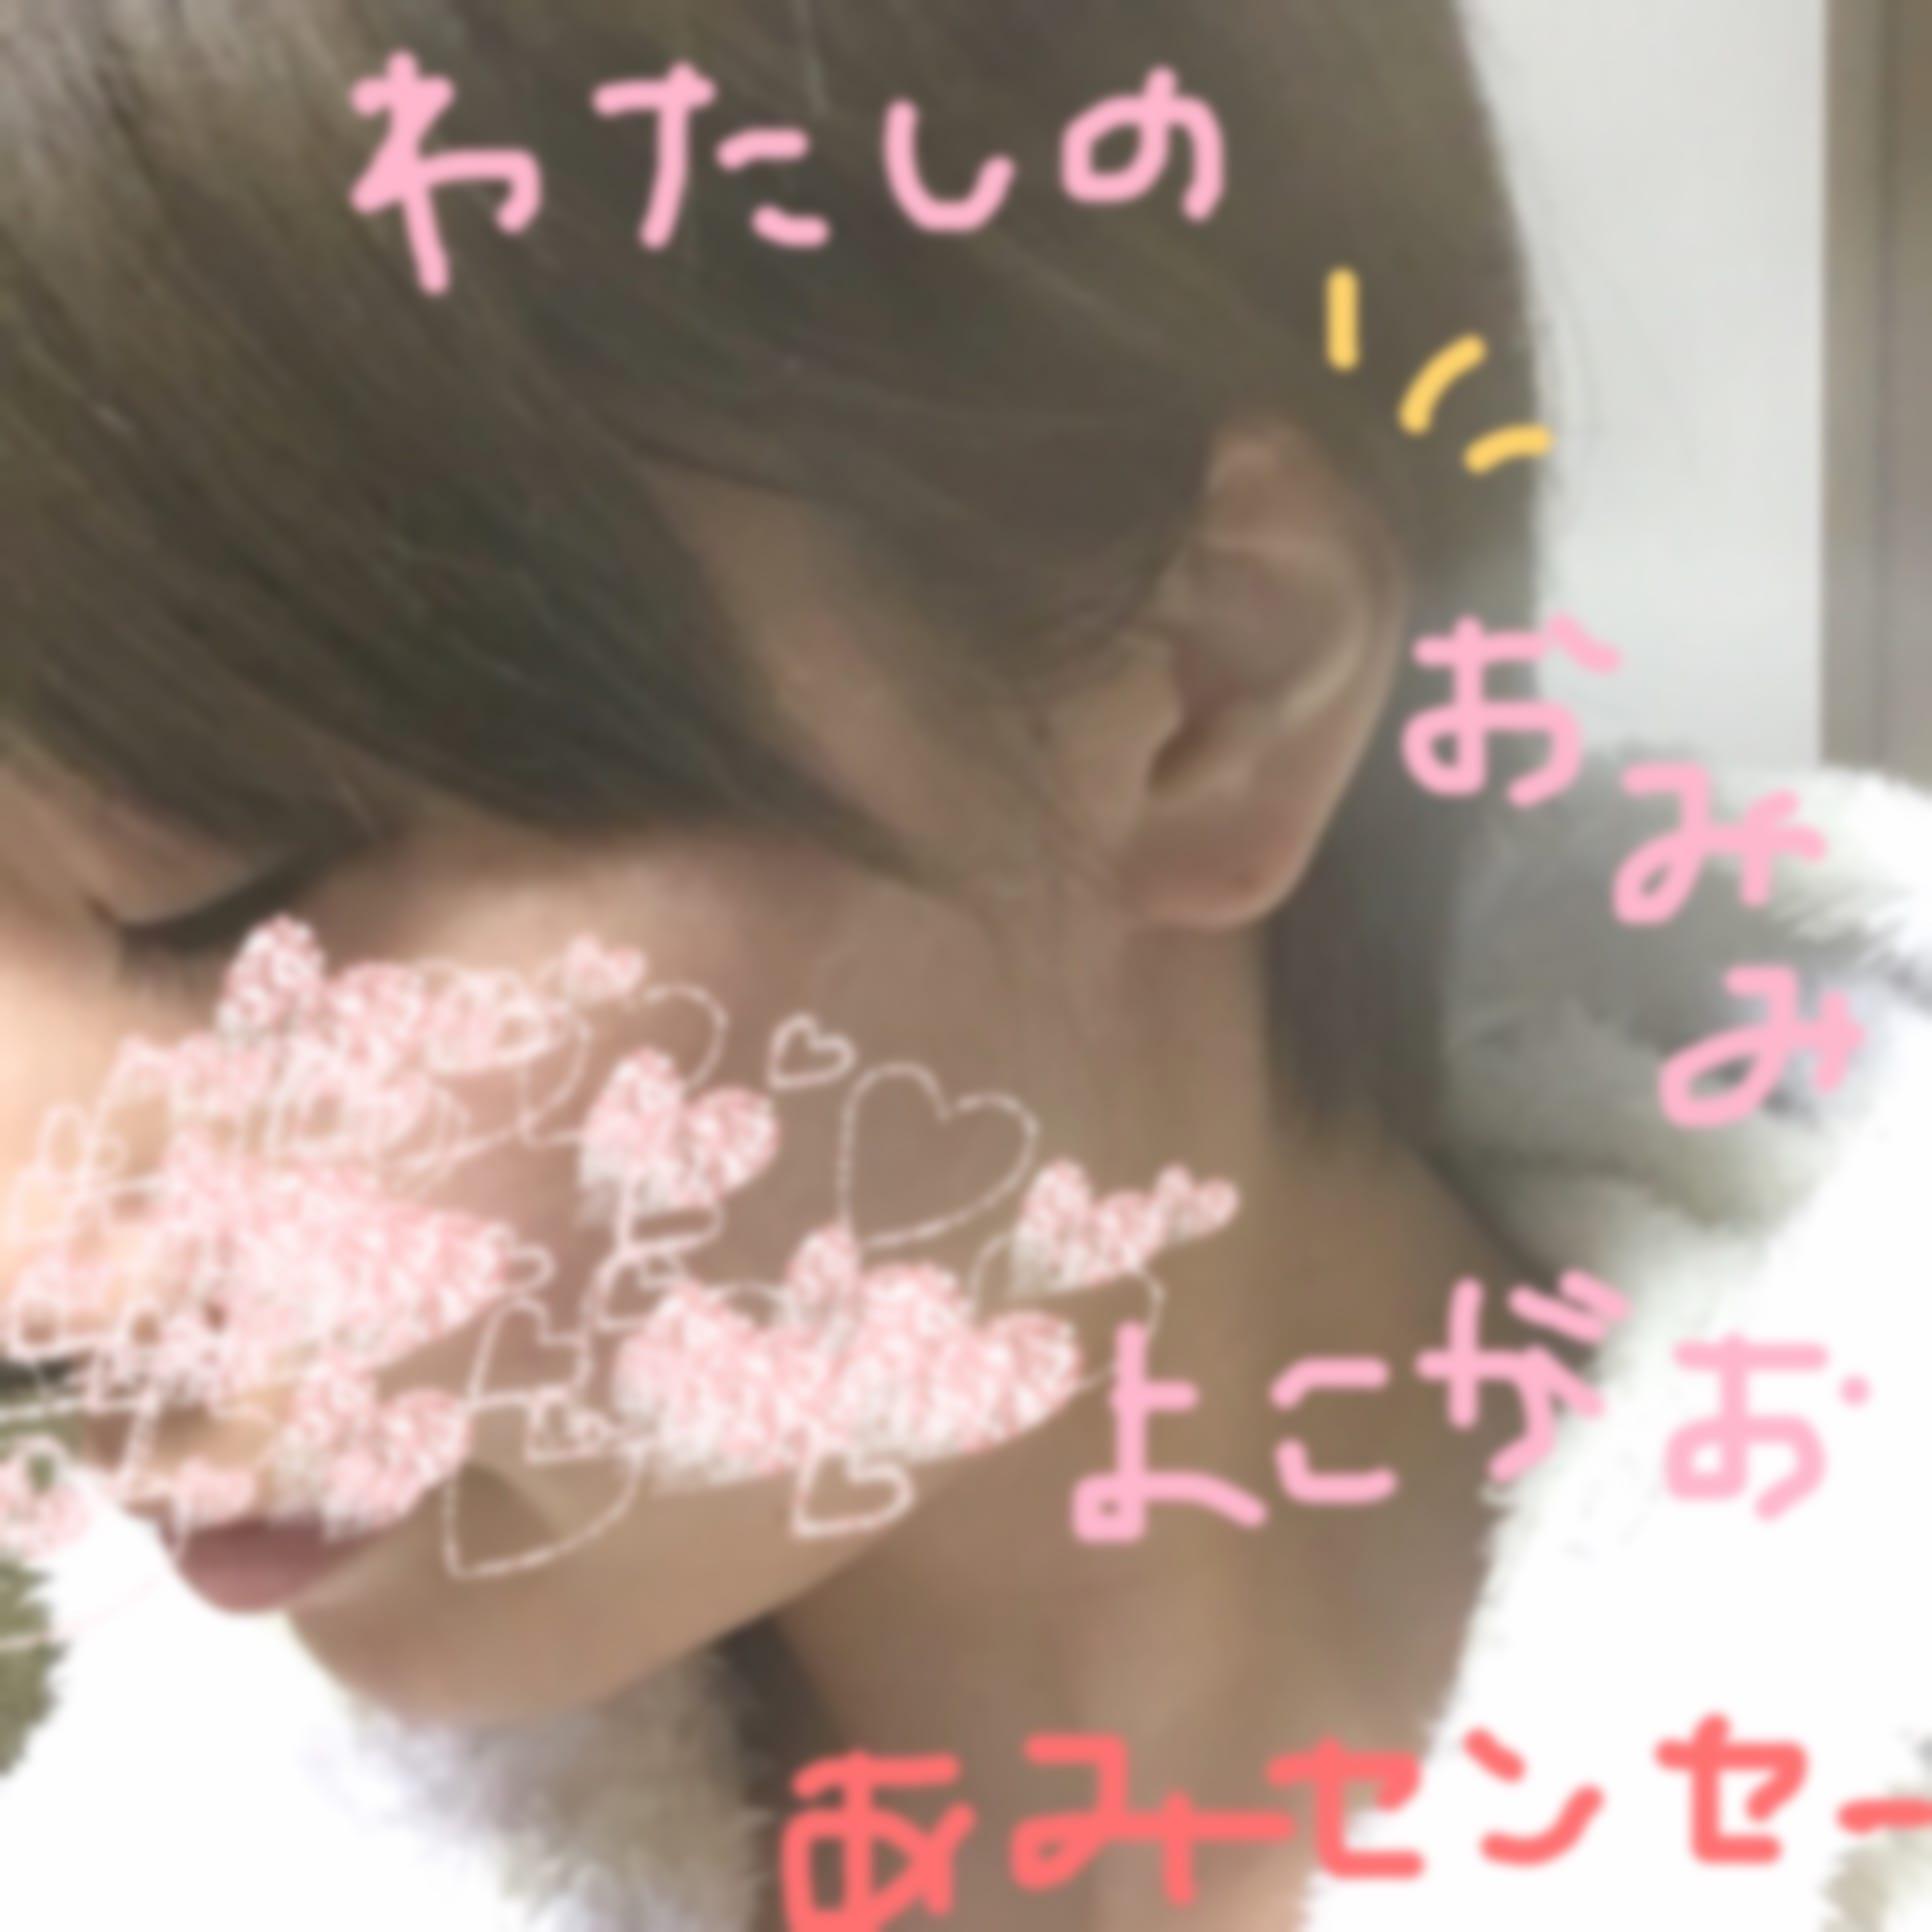 「お久しぶりでございます」12/11(月) 11:45 | あみ先生の写メ・風俗動画